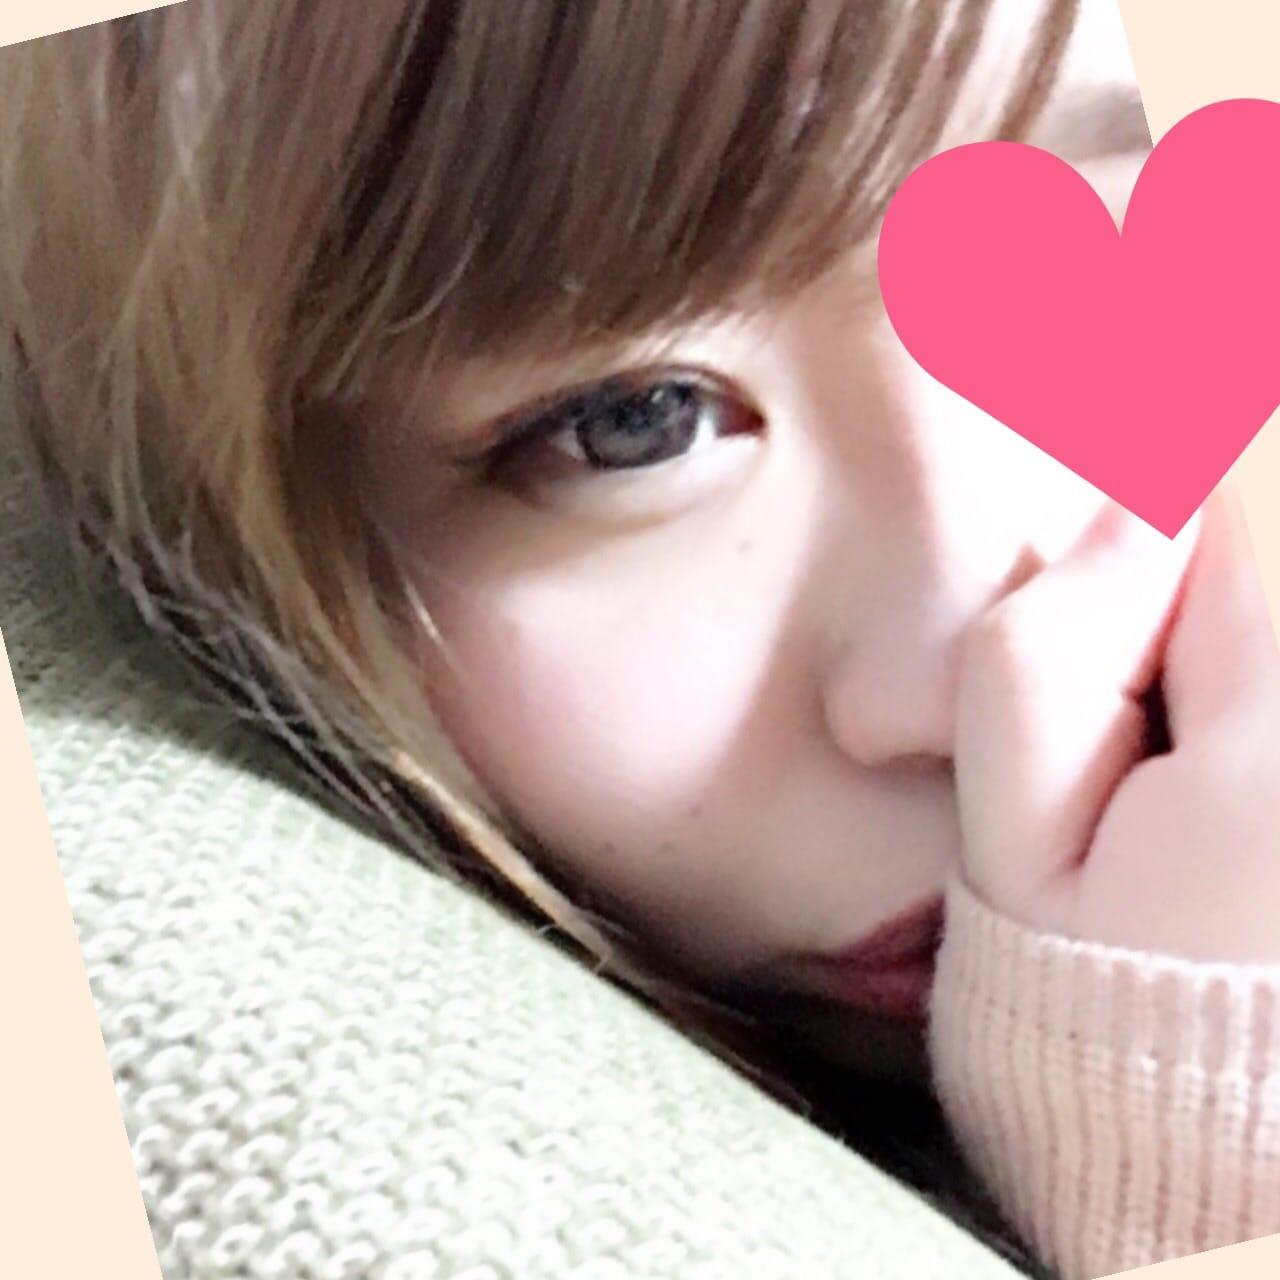 「本日19時から出勤☆」11/18(土) 15:05   はるかの写メ・風俗動画